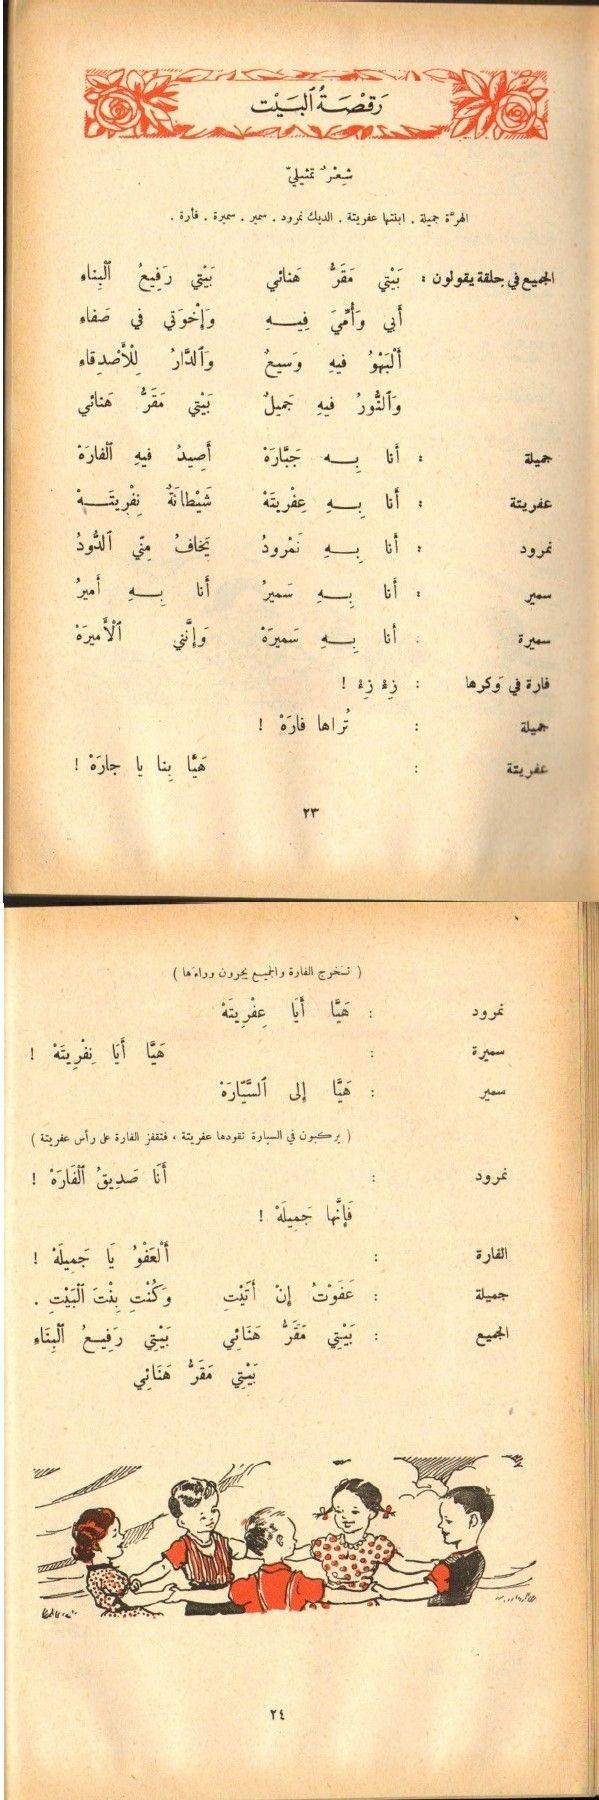 حدائق القراءة مرحلة التعليم الابتدائي الجزء الأول الجزائر Learning Arabic Language Reading